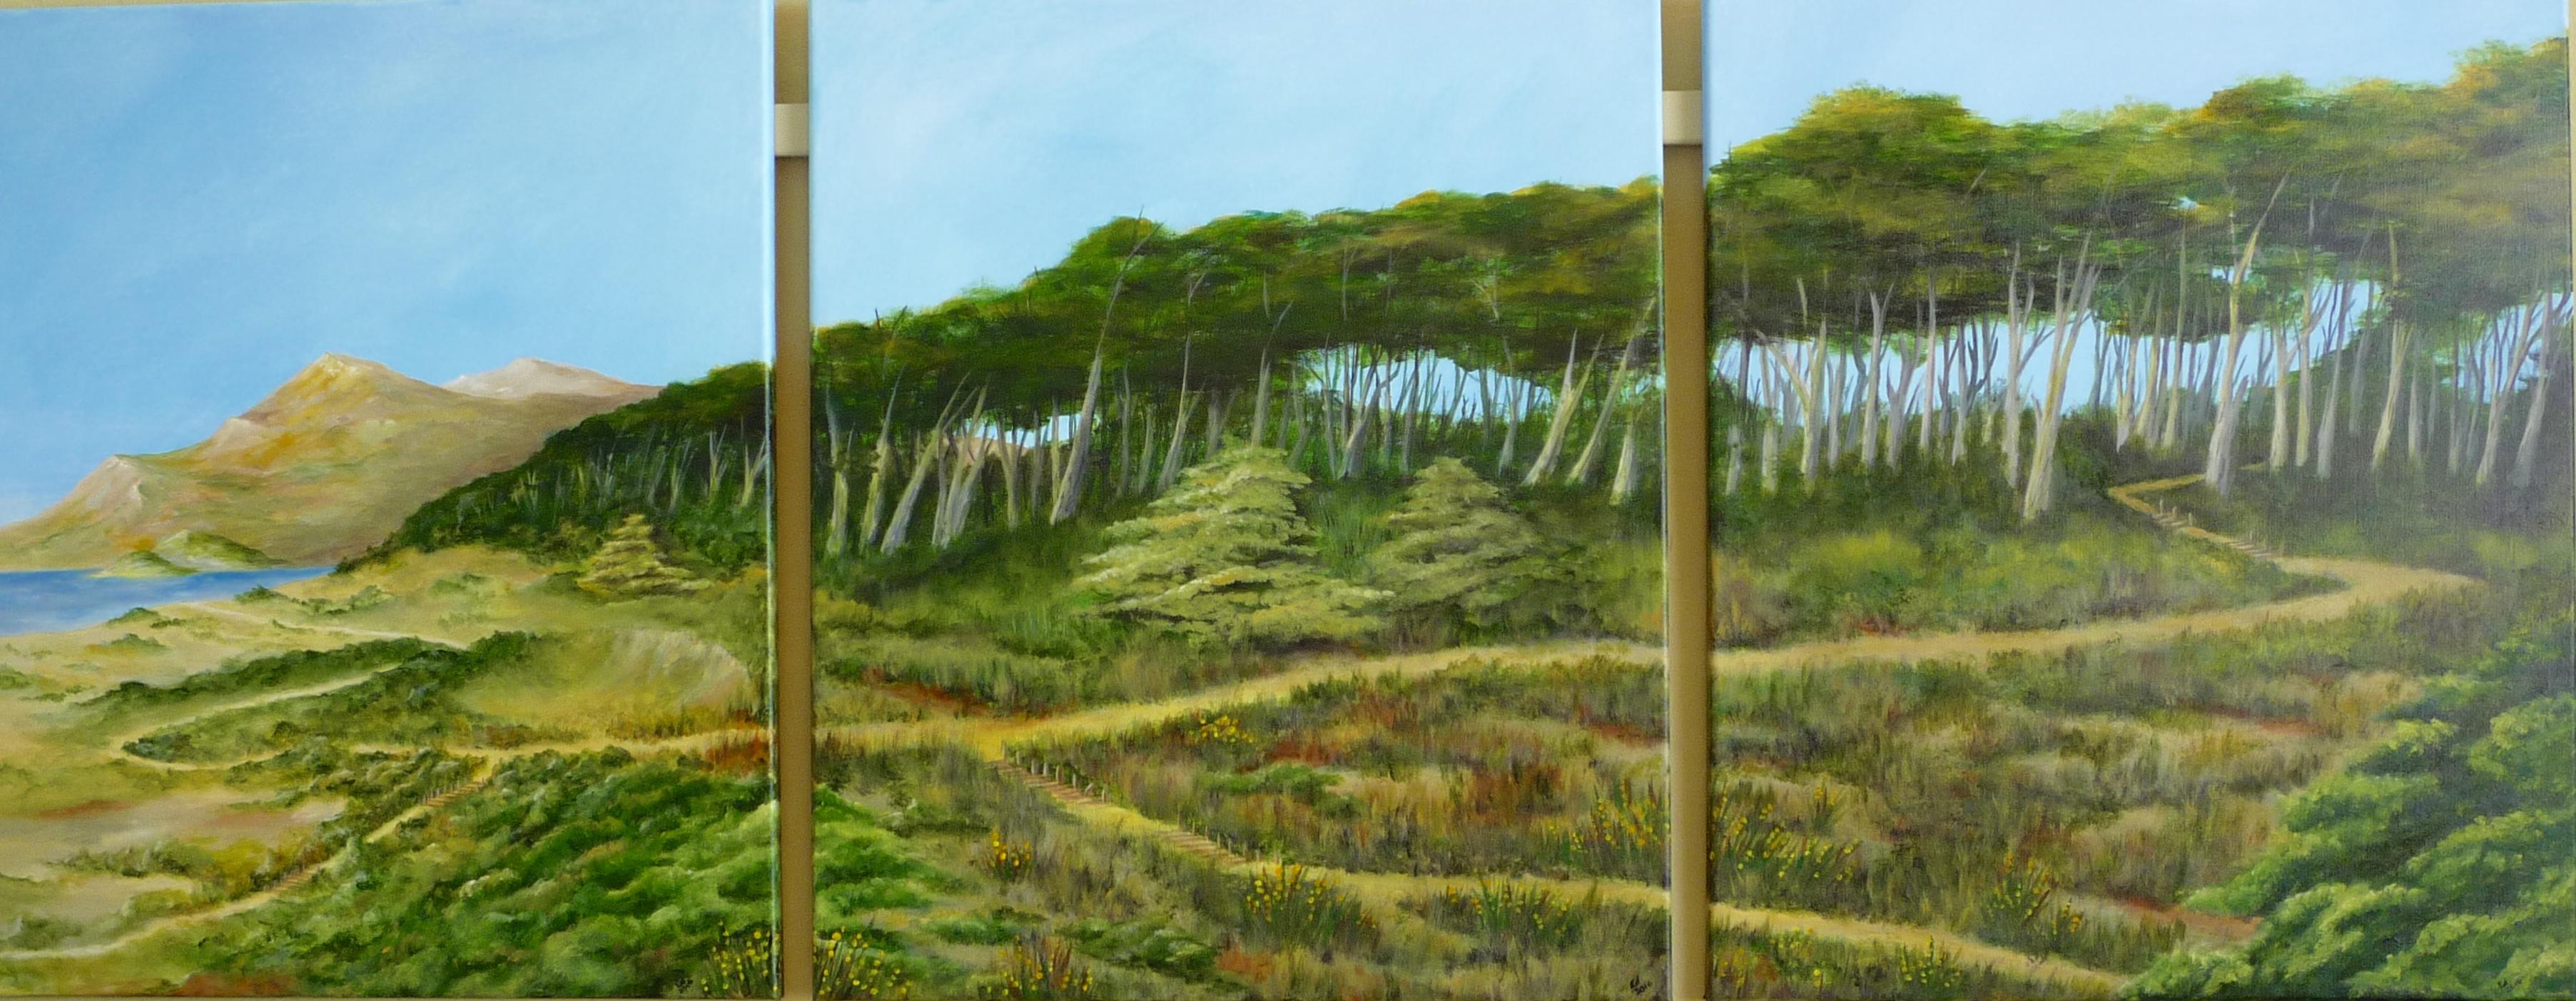 Trails at LandsEnd